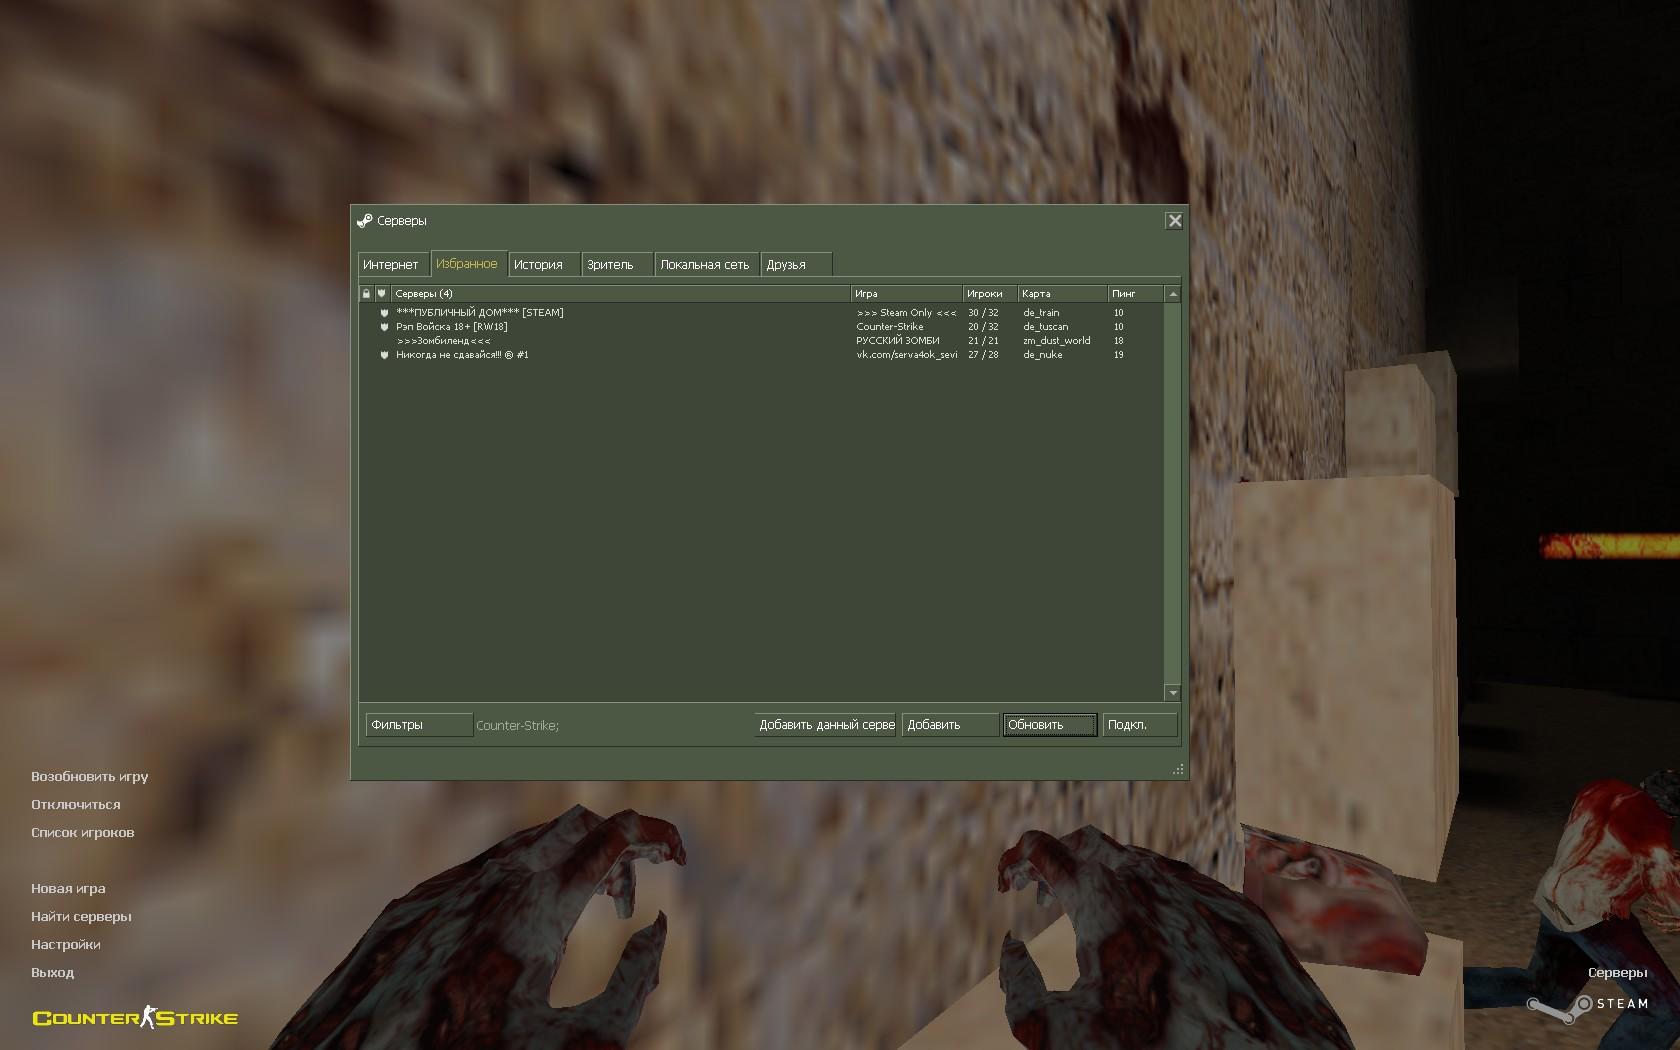 Хостинг для зомби сервера кс 1.6 сайт где можно сделать фото будто я из winx